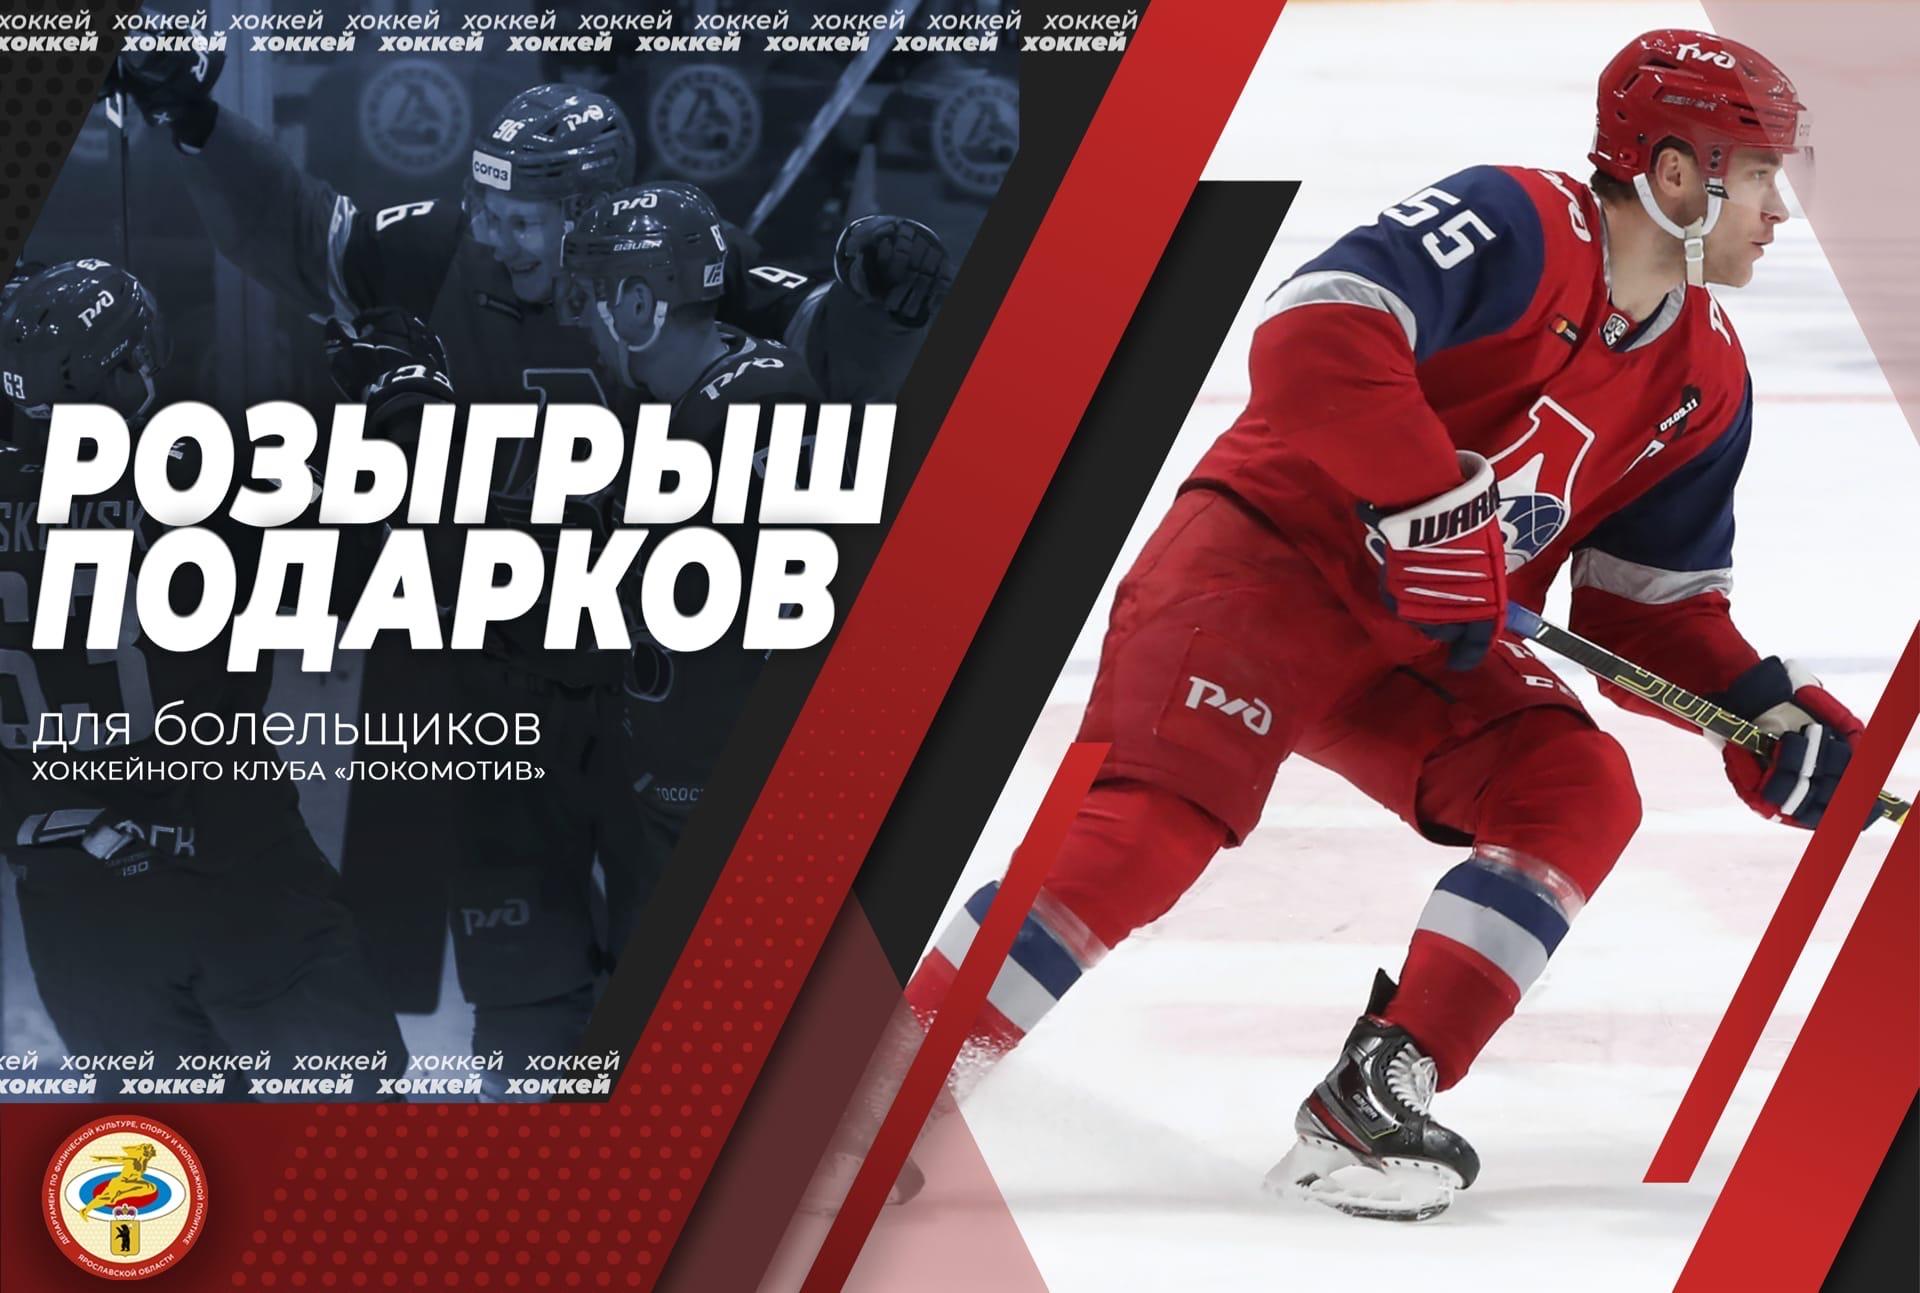 В Ярославле разыгрывают атрибутику «Локомотива»